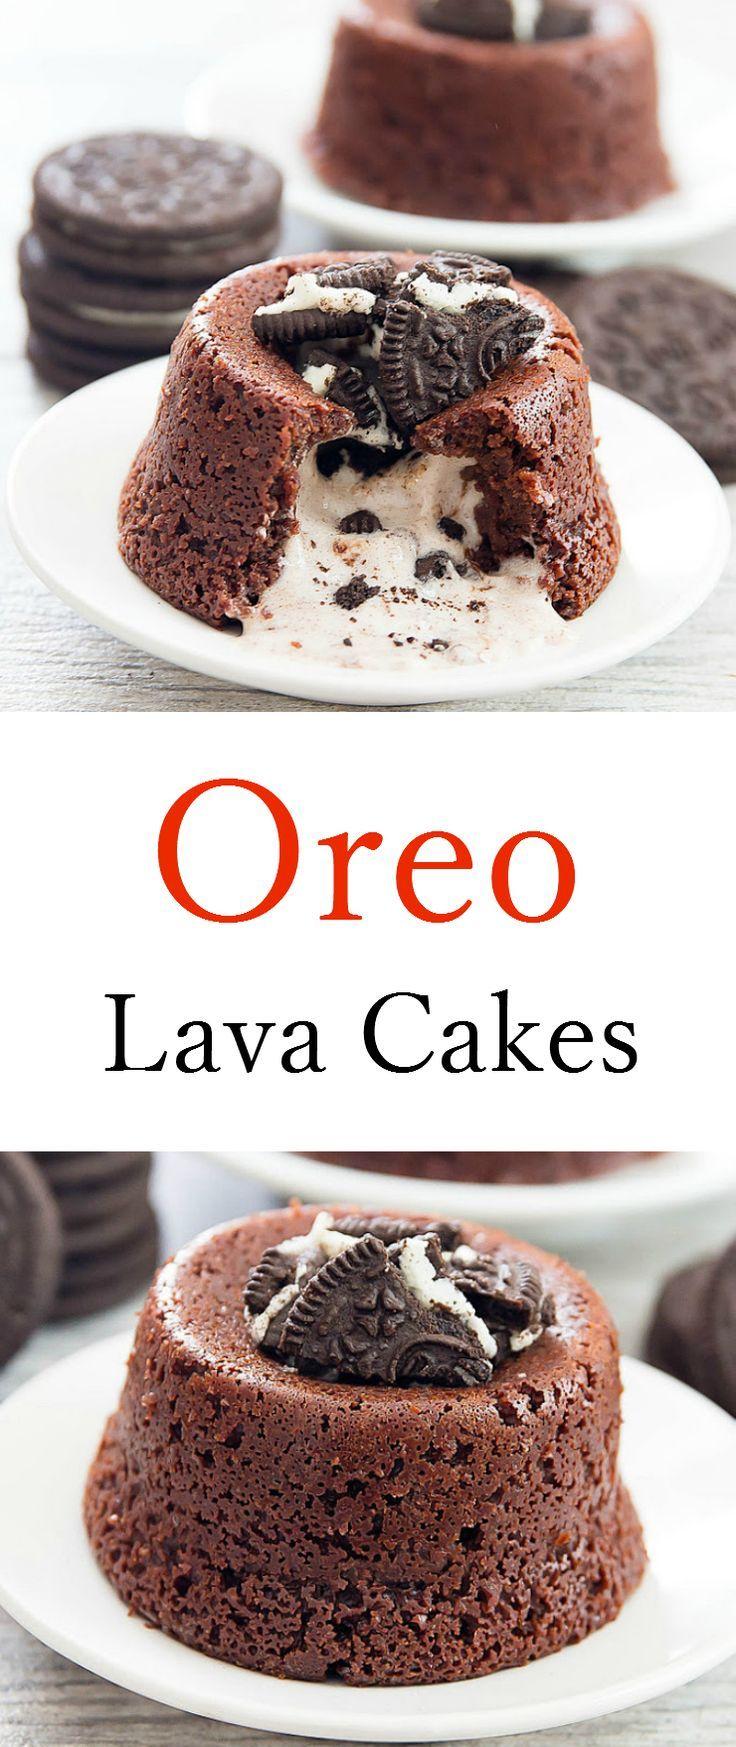 Oreo Lava Cakes. No mixer needed!